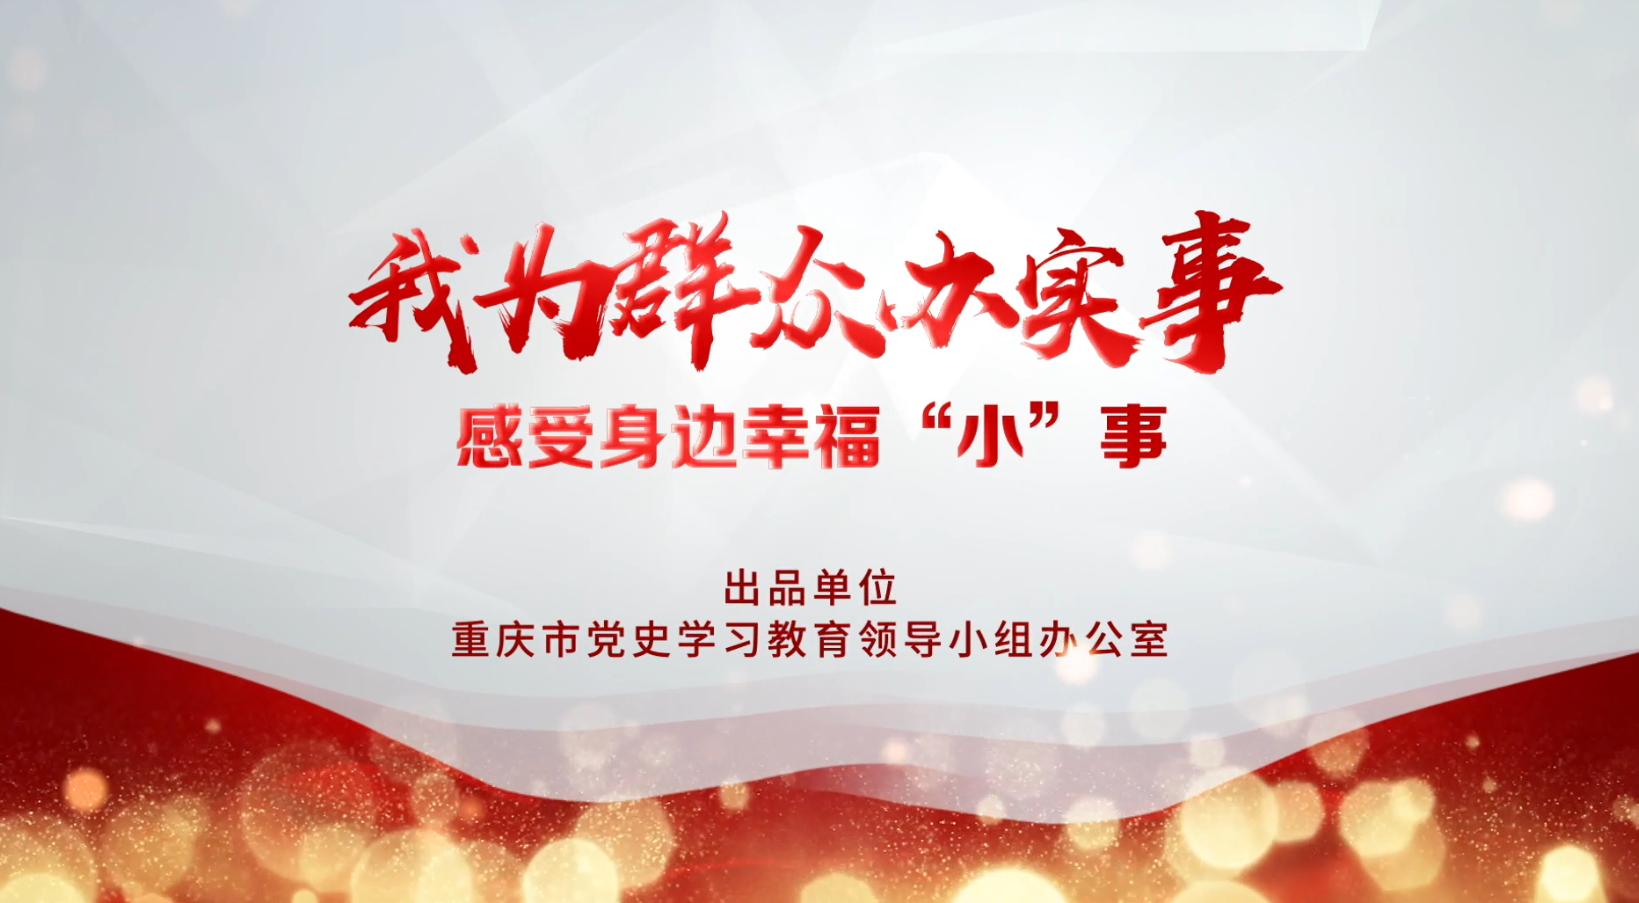 【我为群众办实事】探访员探访途中睡大觉?重庆农村老人的生活竟是这样